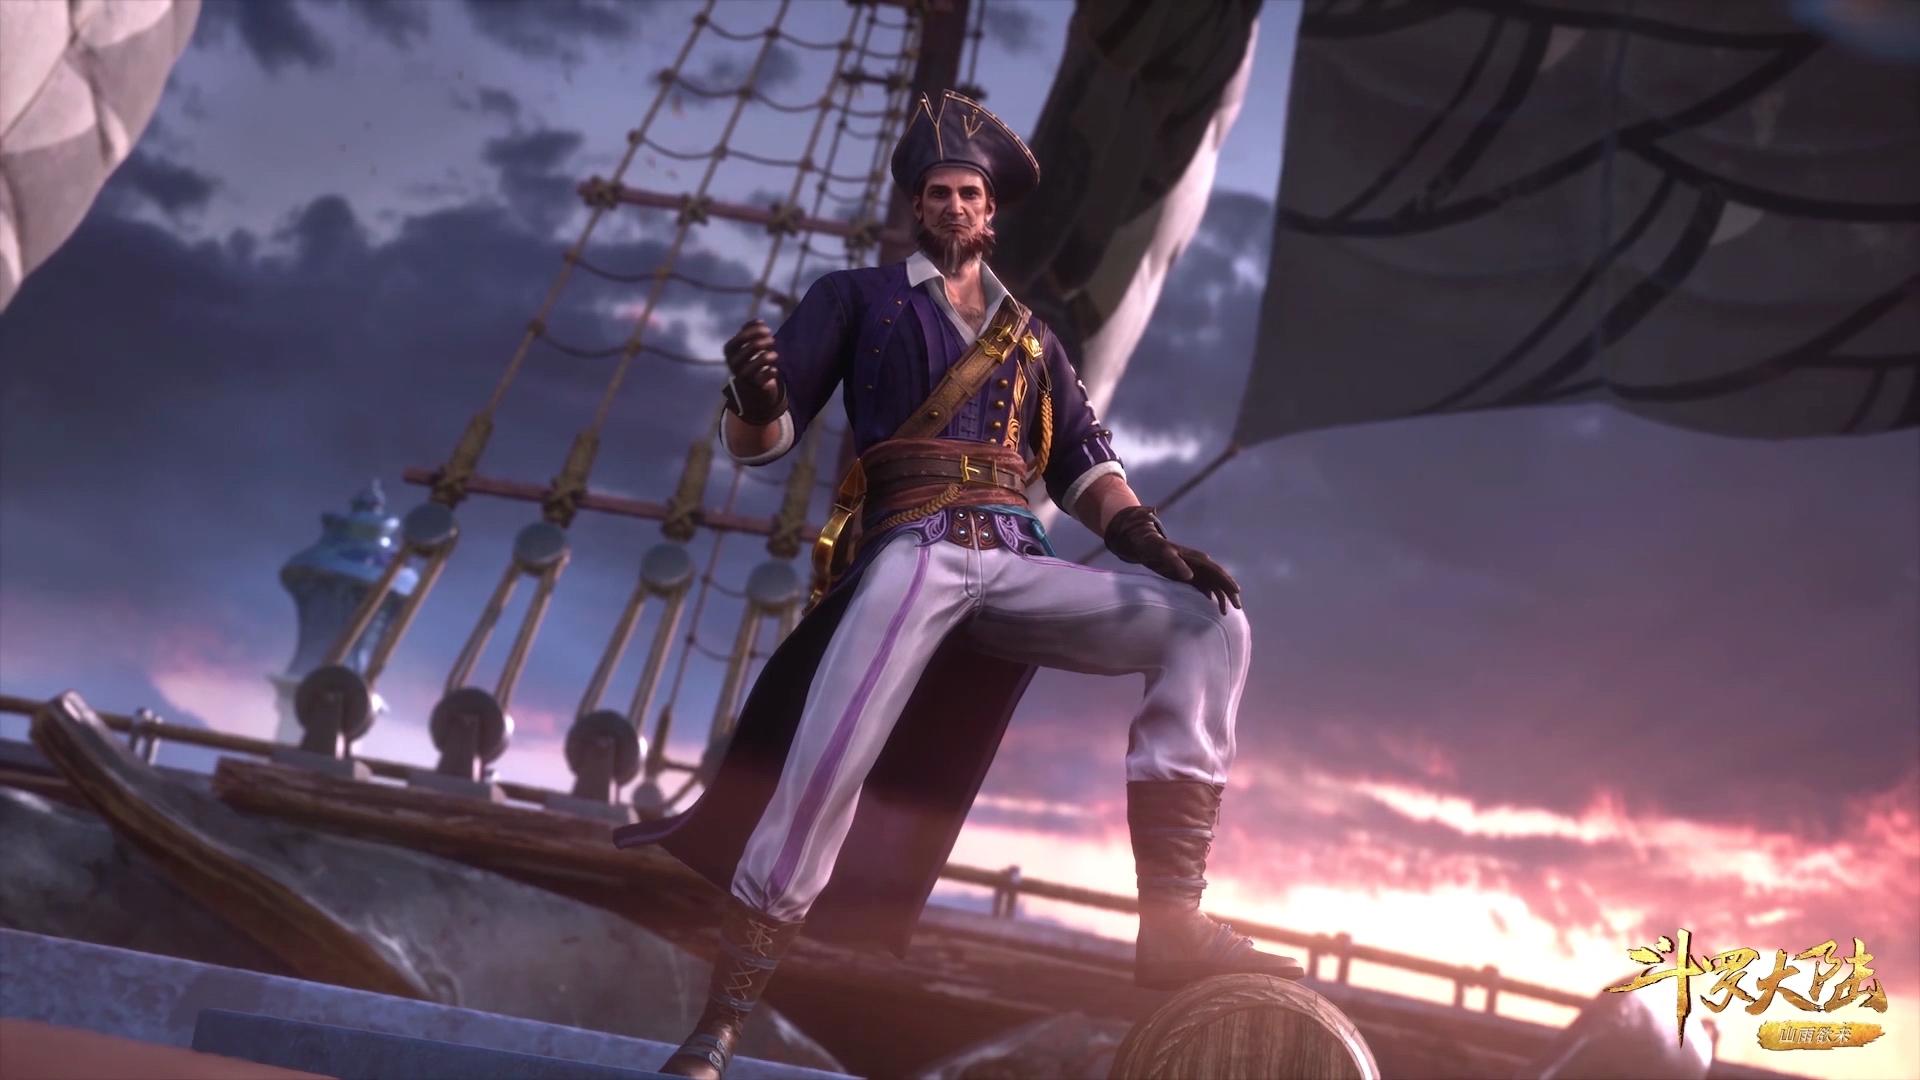 斗罗大陆:龙渊艇到手,史莱克七怪出海,海德尔心怀鬼胎